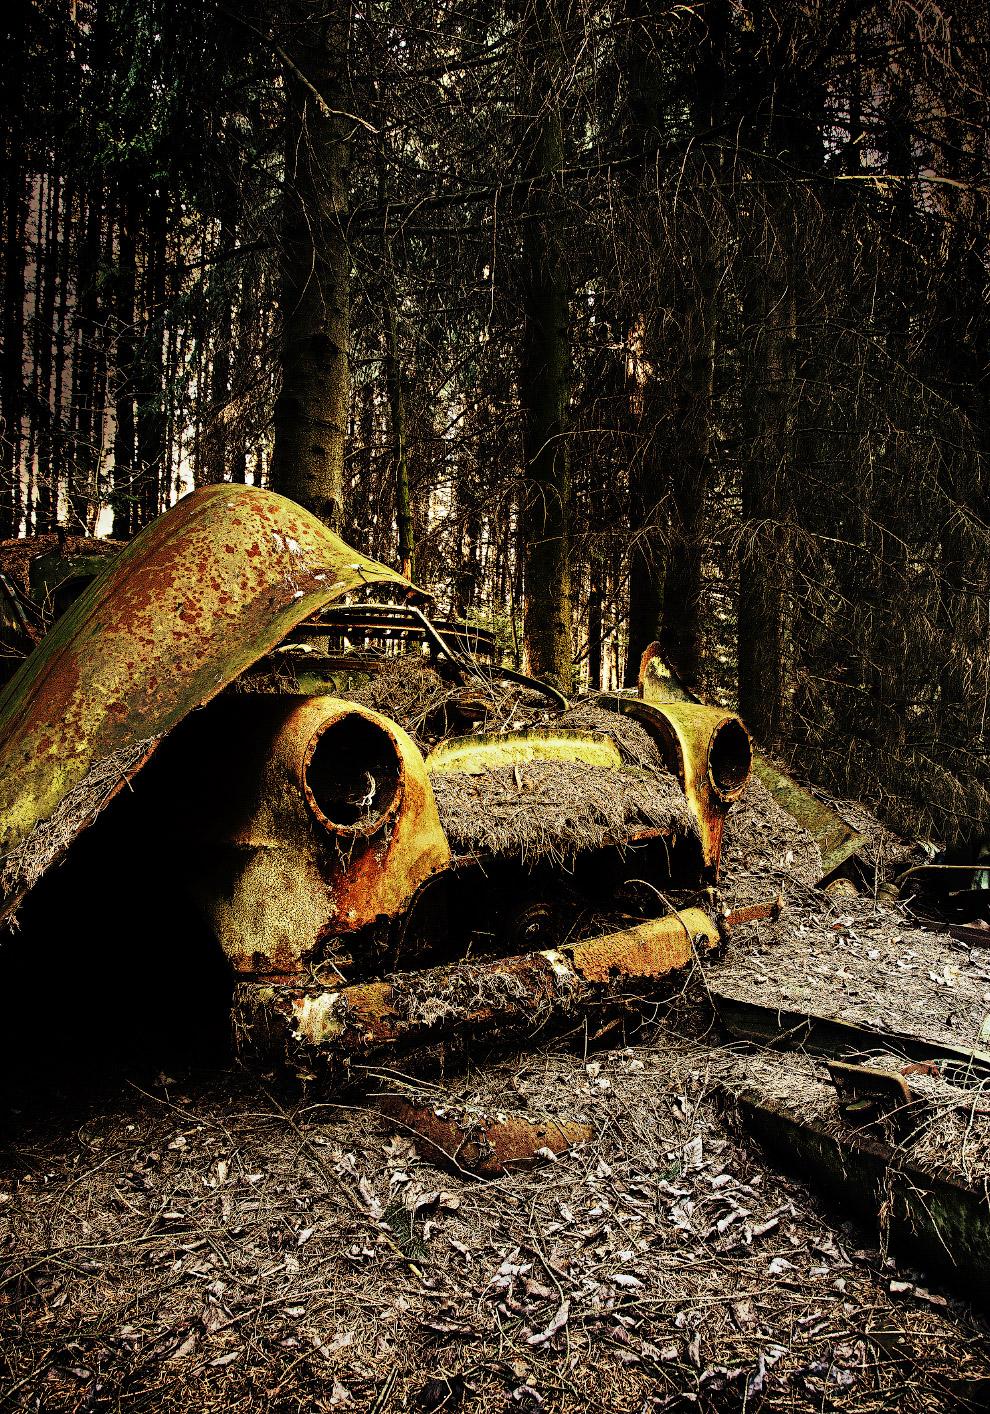 Ретро-автомобиль, оставленный войсками союзников после Второй мировой войны, Бельгия